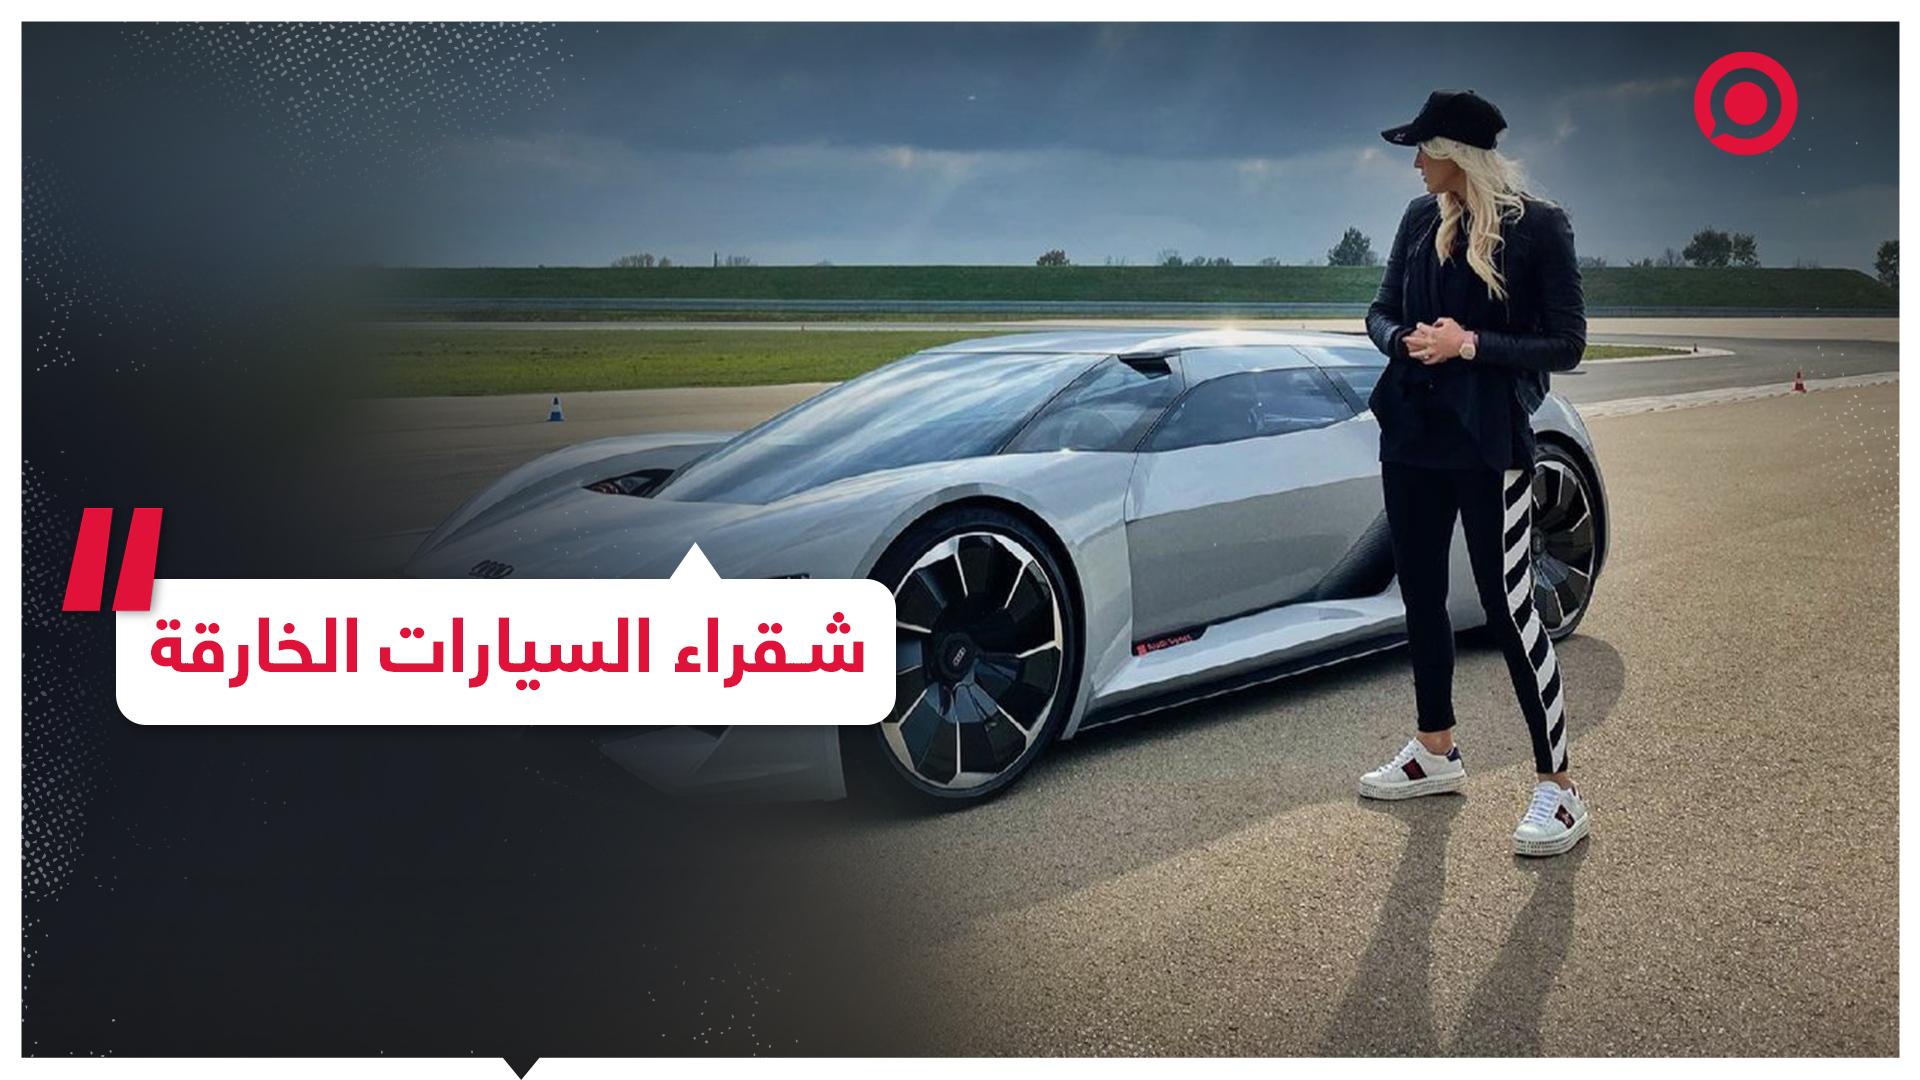 شقراء السيارات الخارقة في دبي